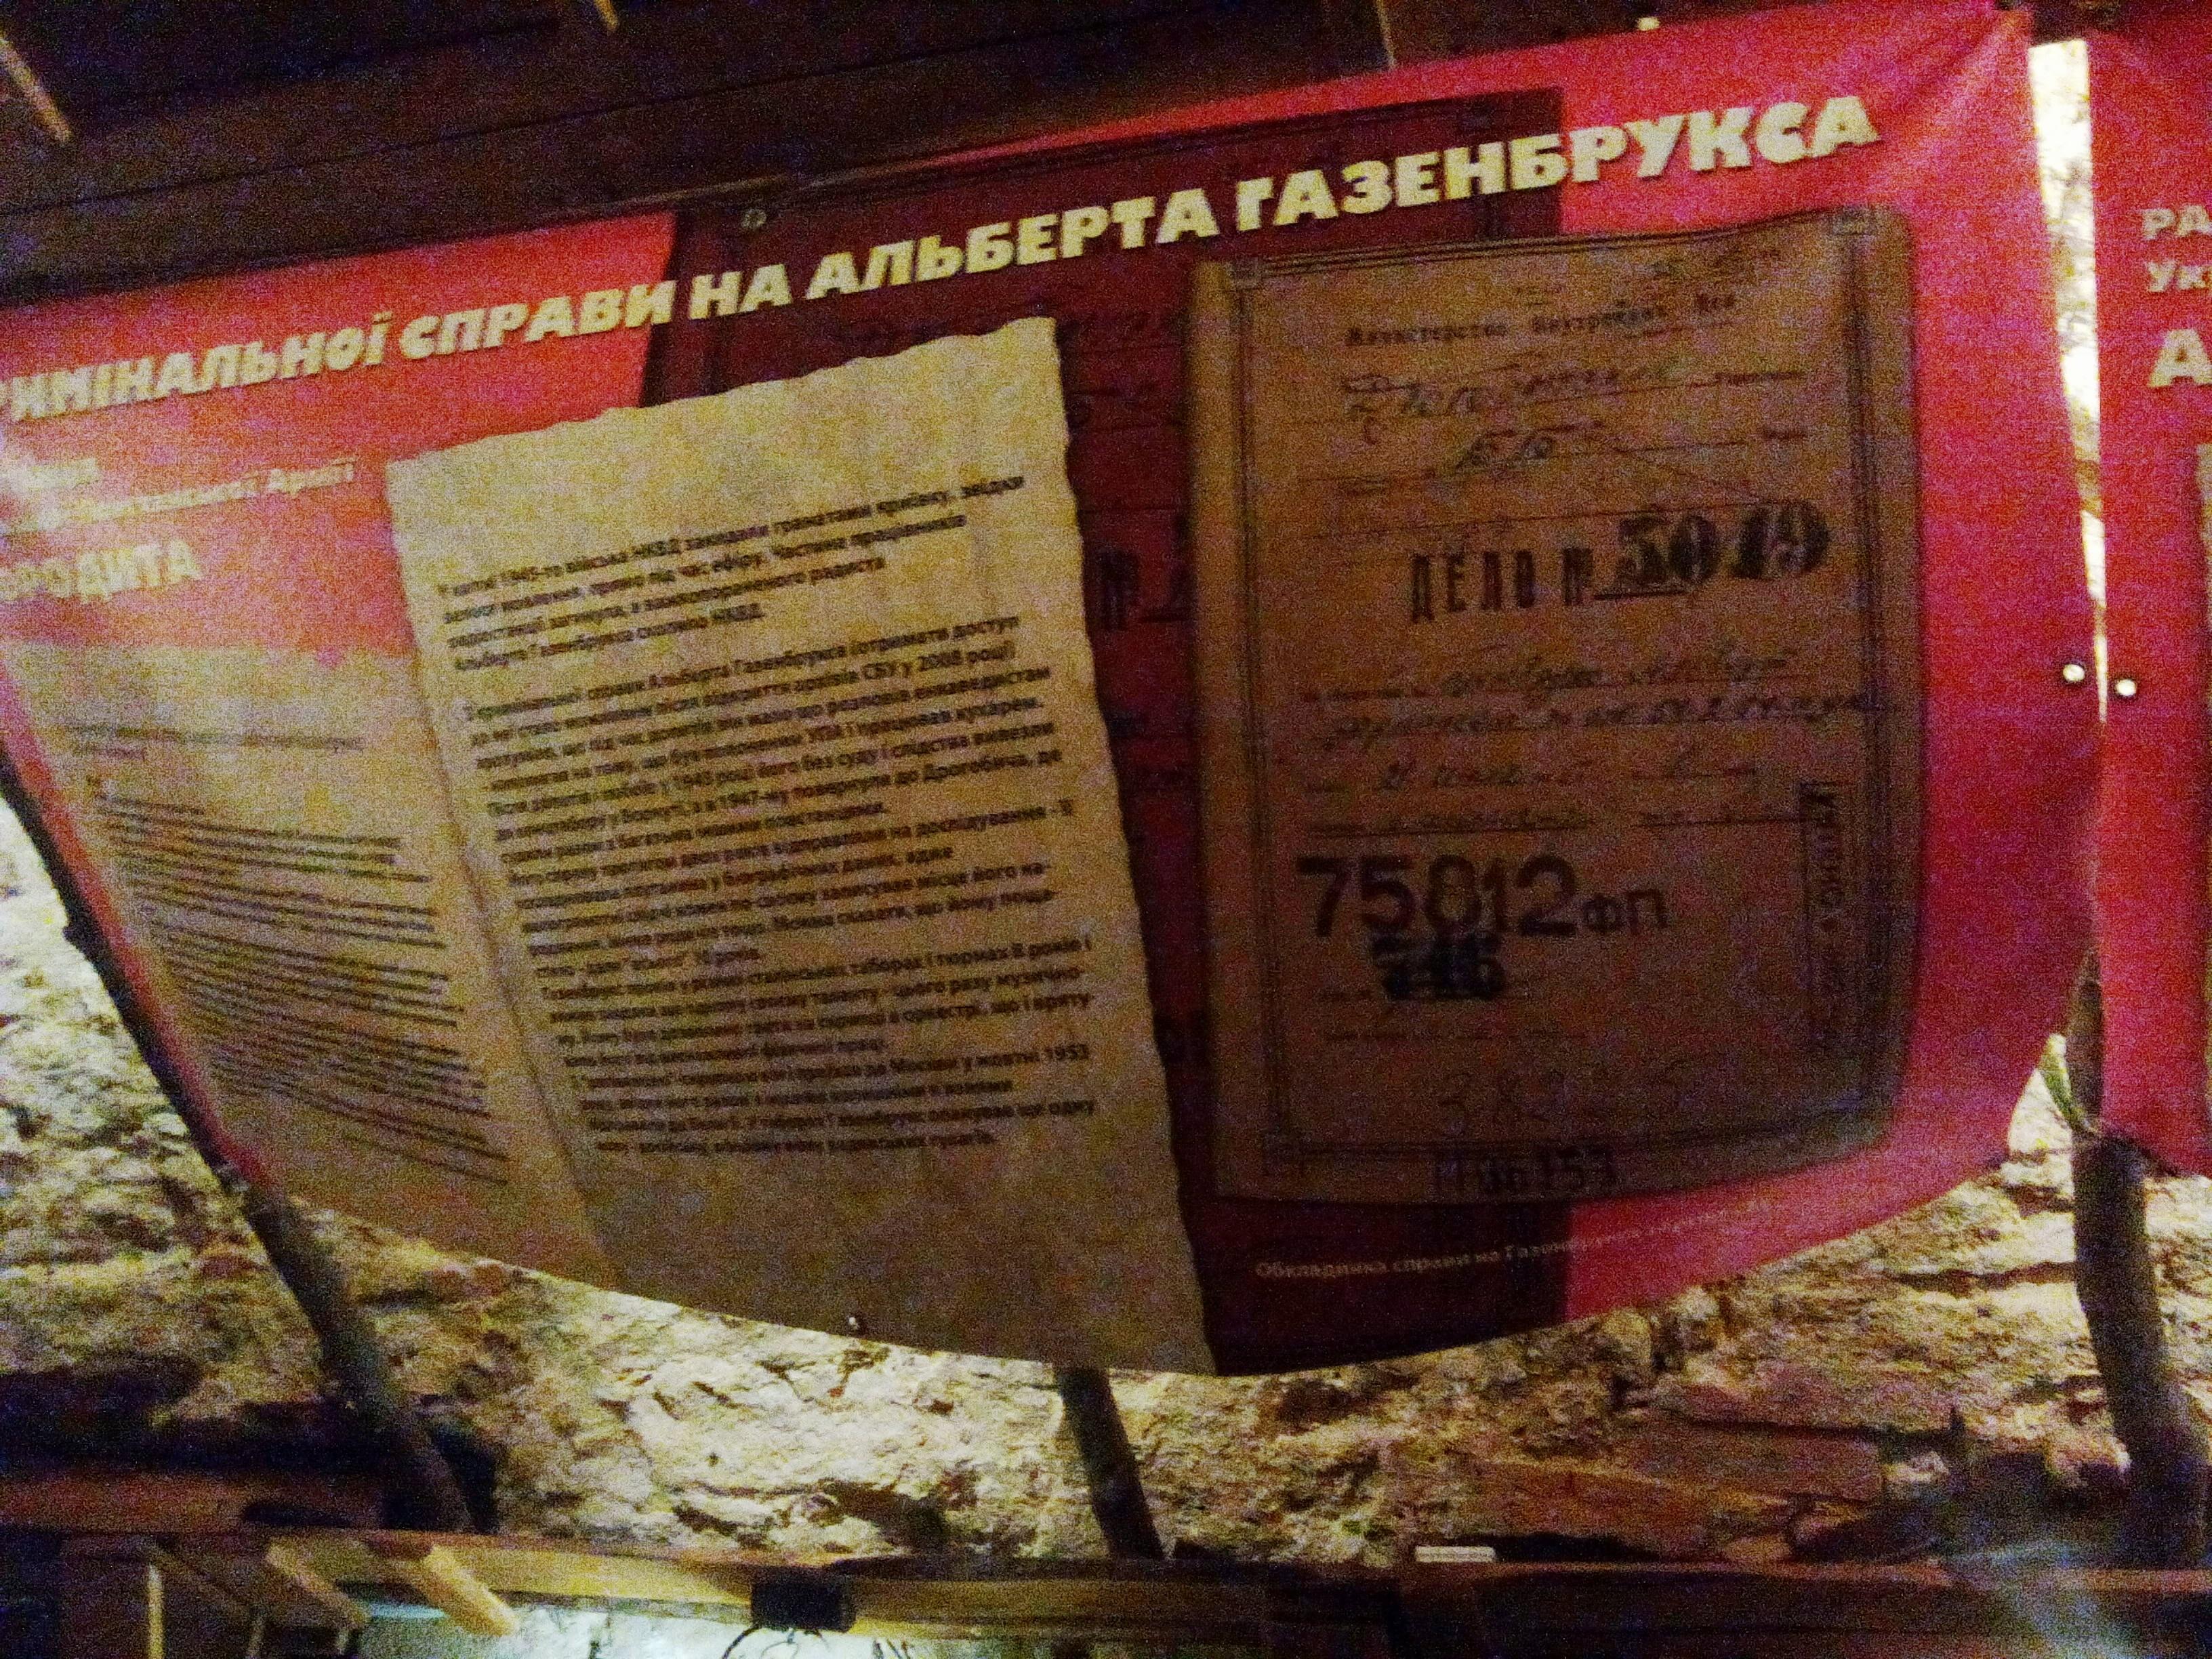 http://s5.uploads.ru/h2BEl.jpg